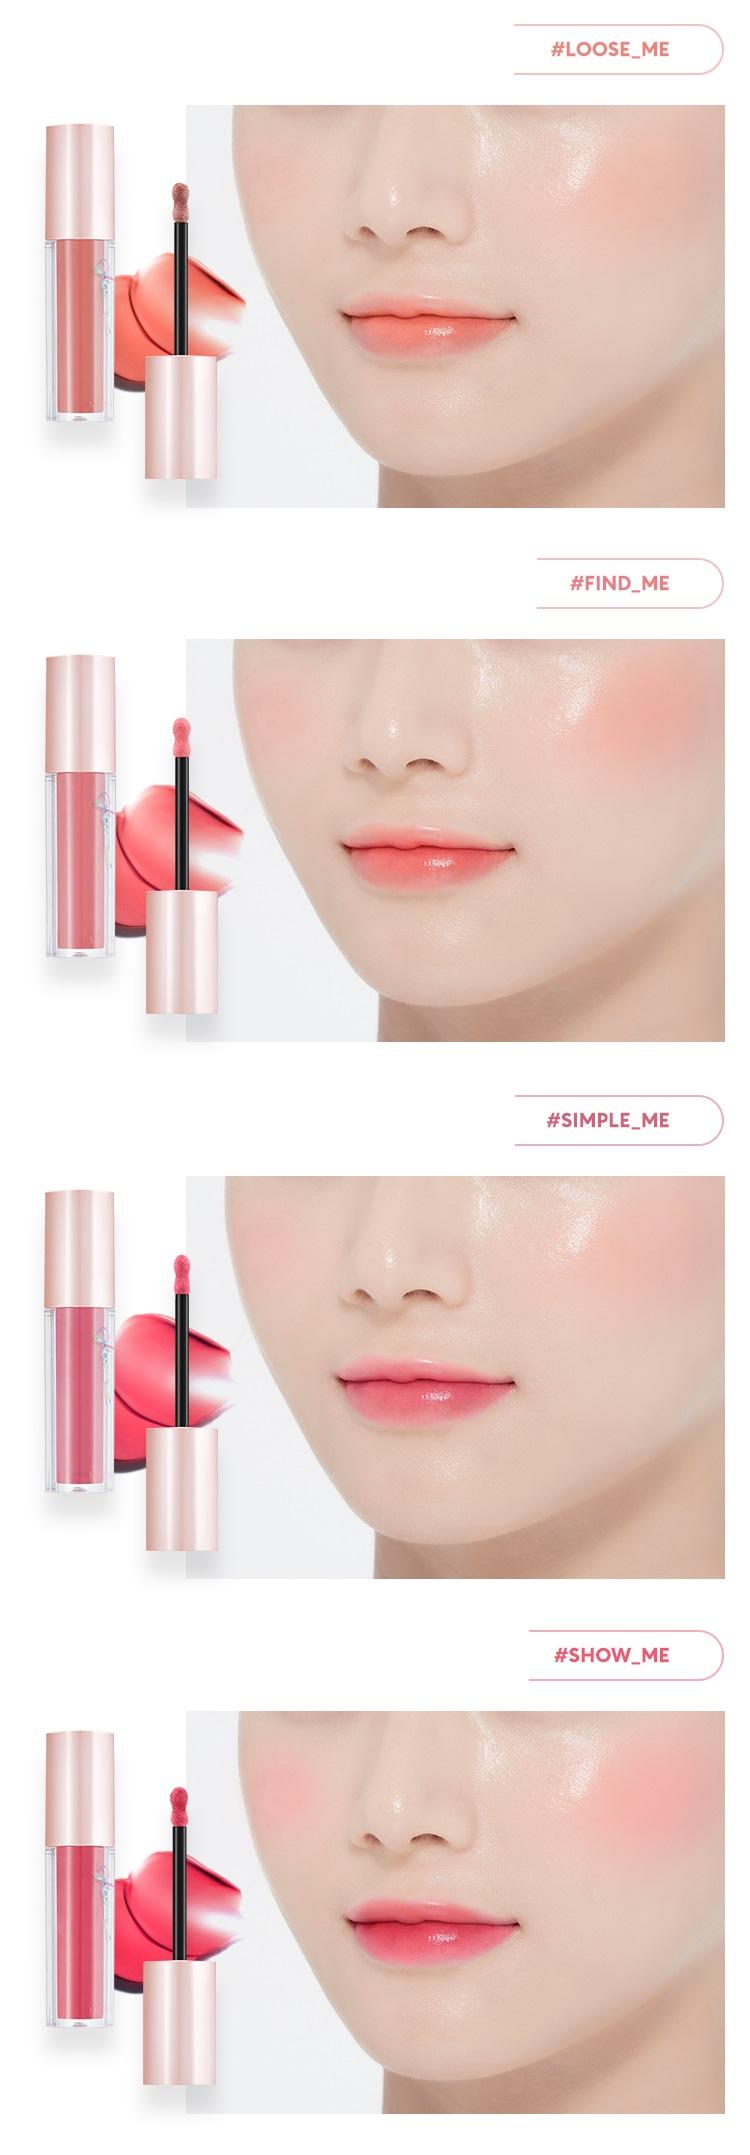 missha-glow-lip-blush-colors_2